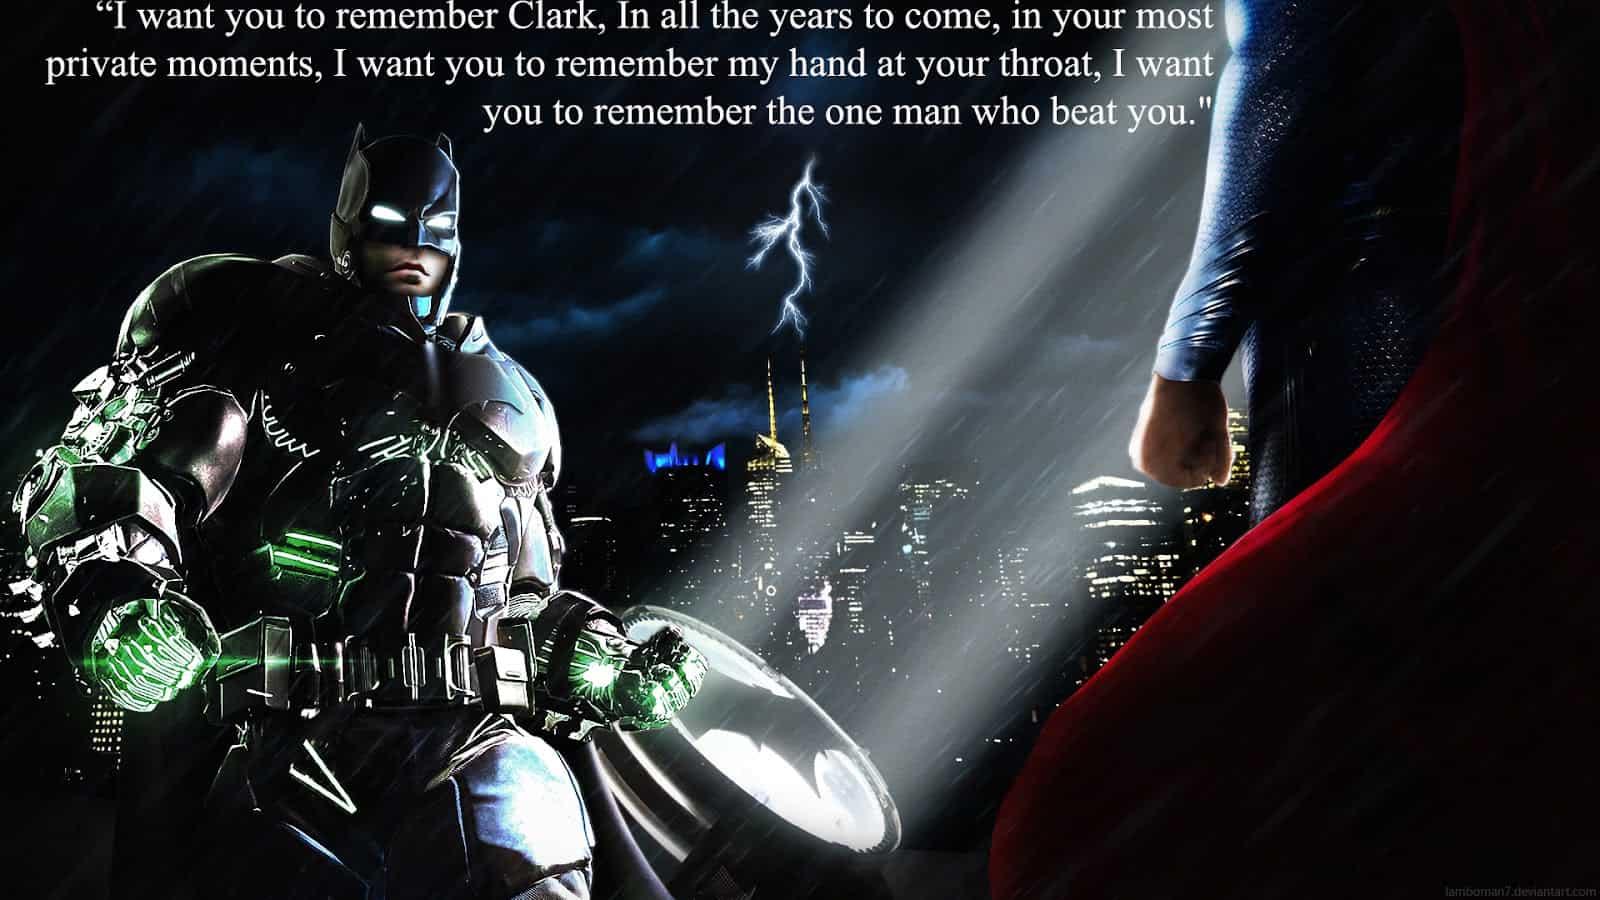 batman quotes 4